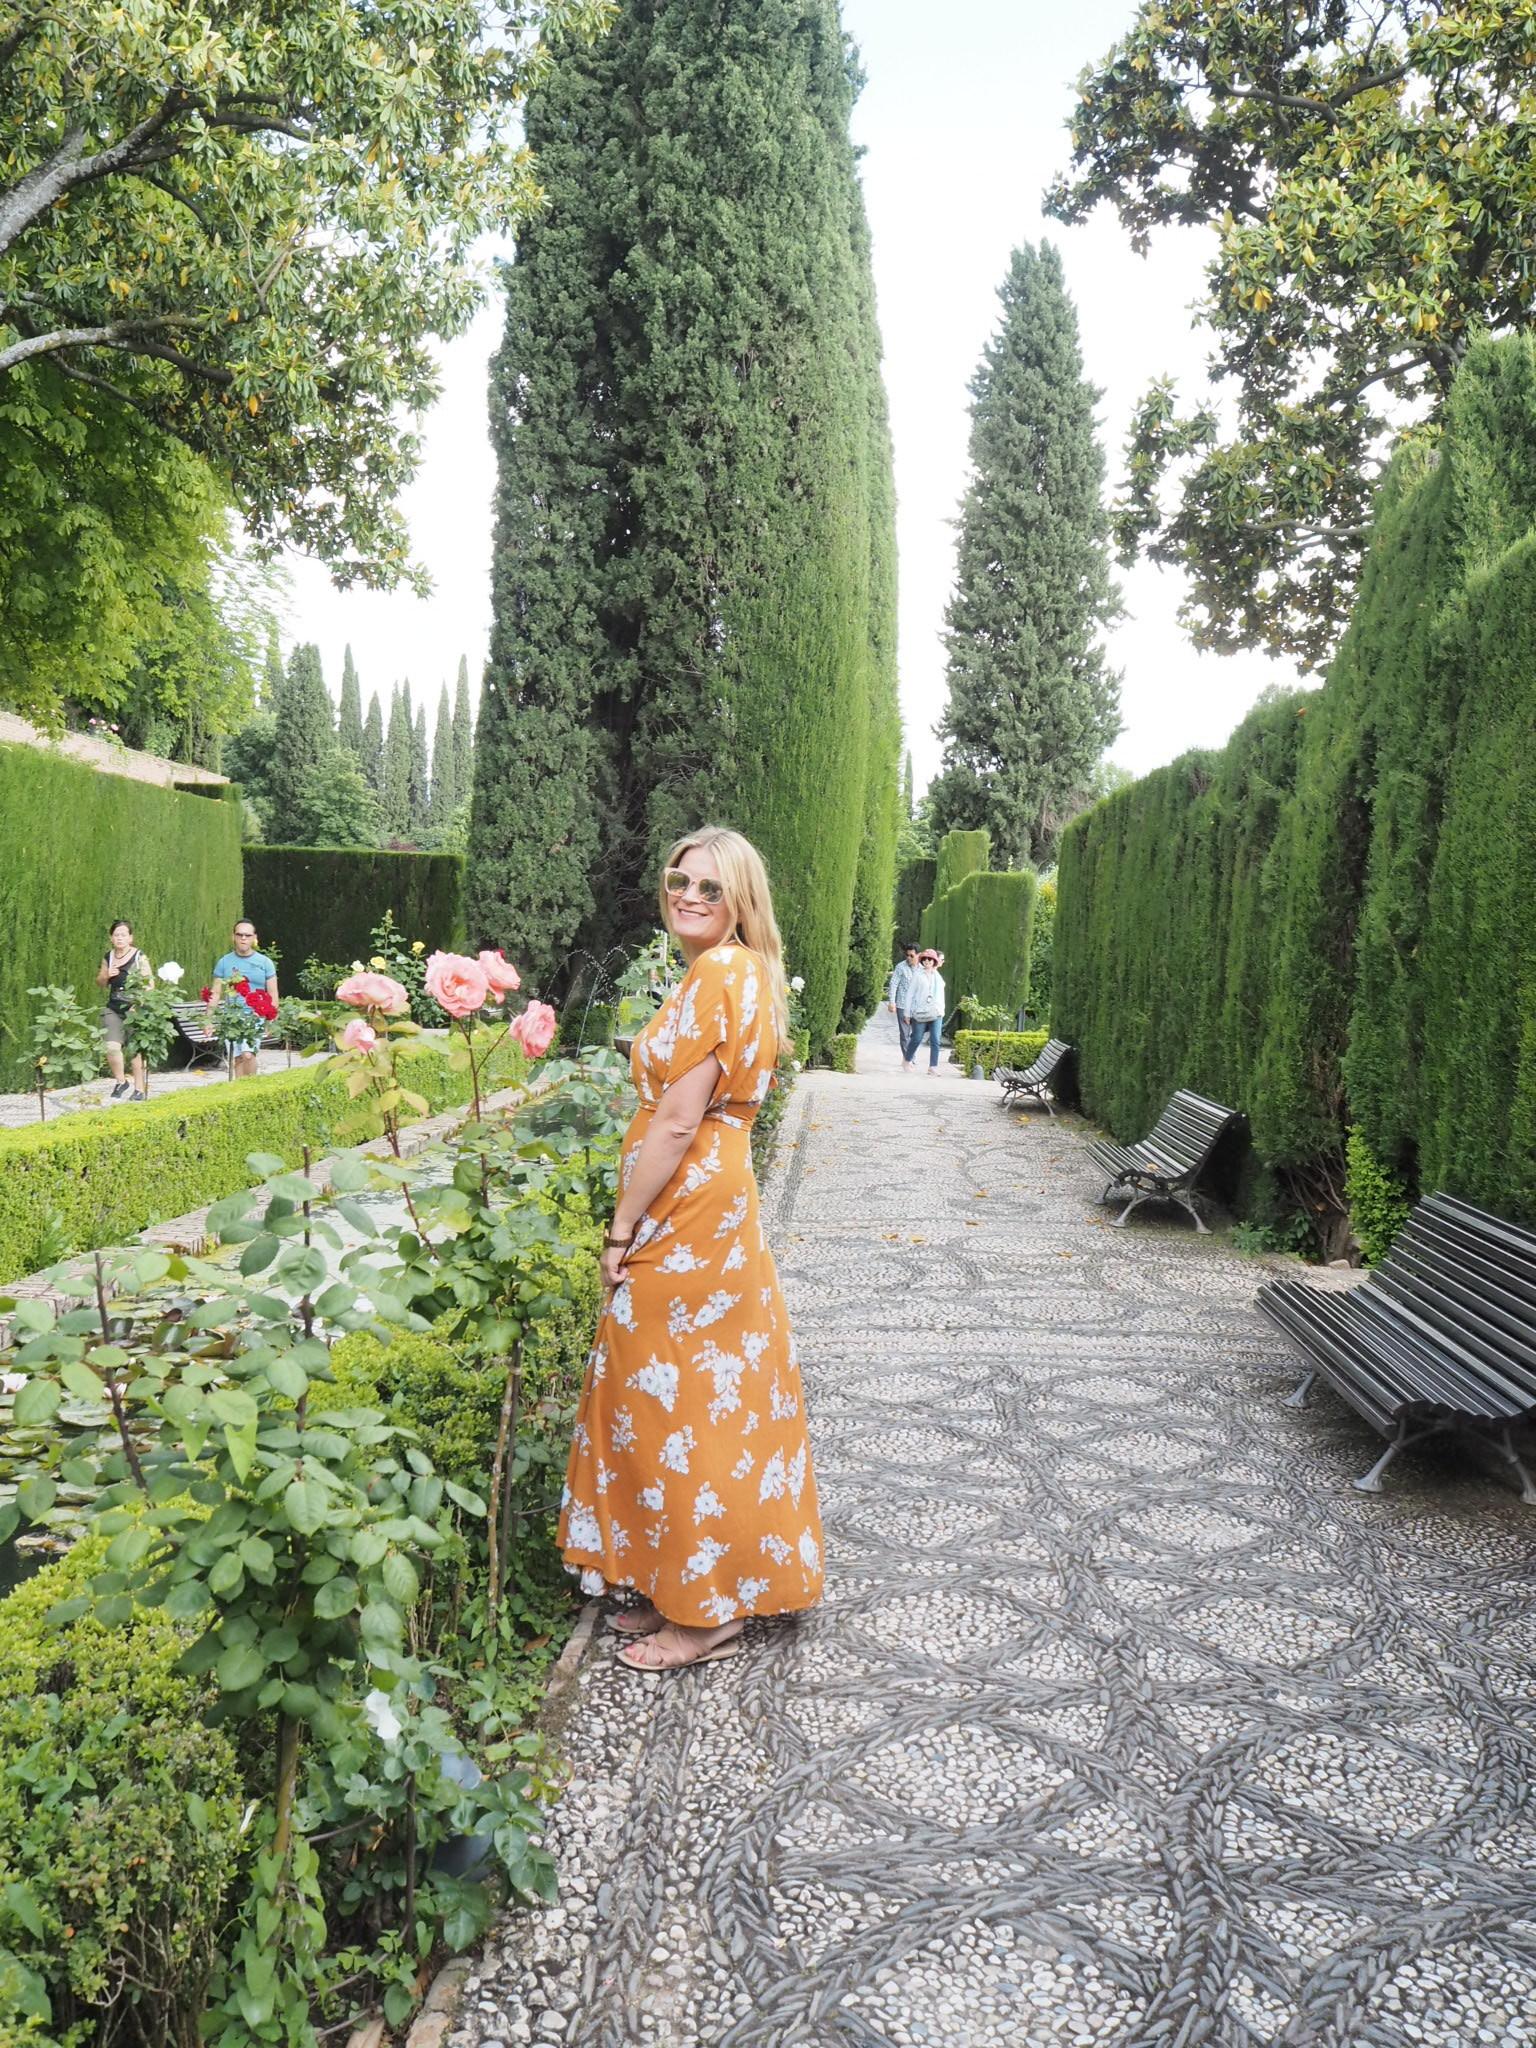 - Generalife Gardens